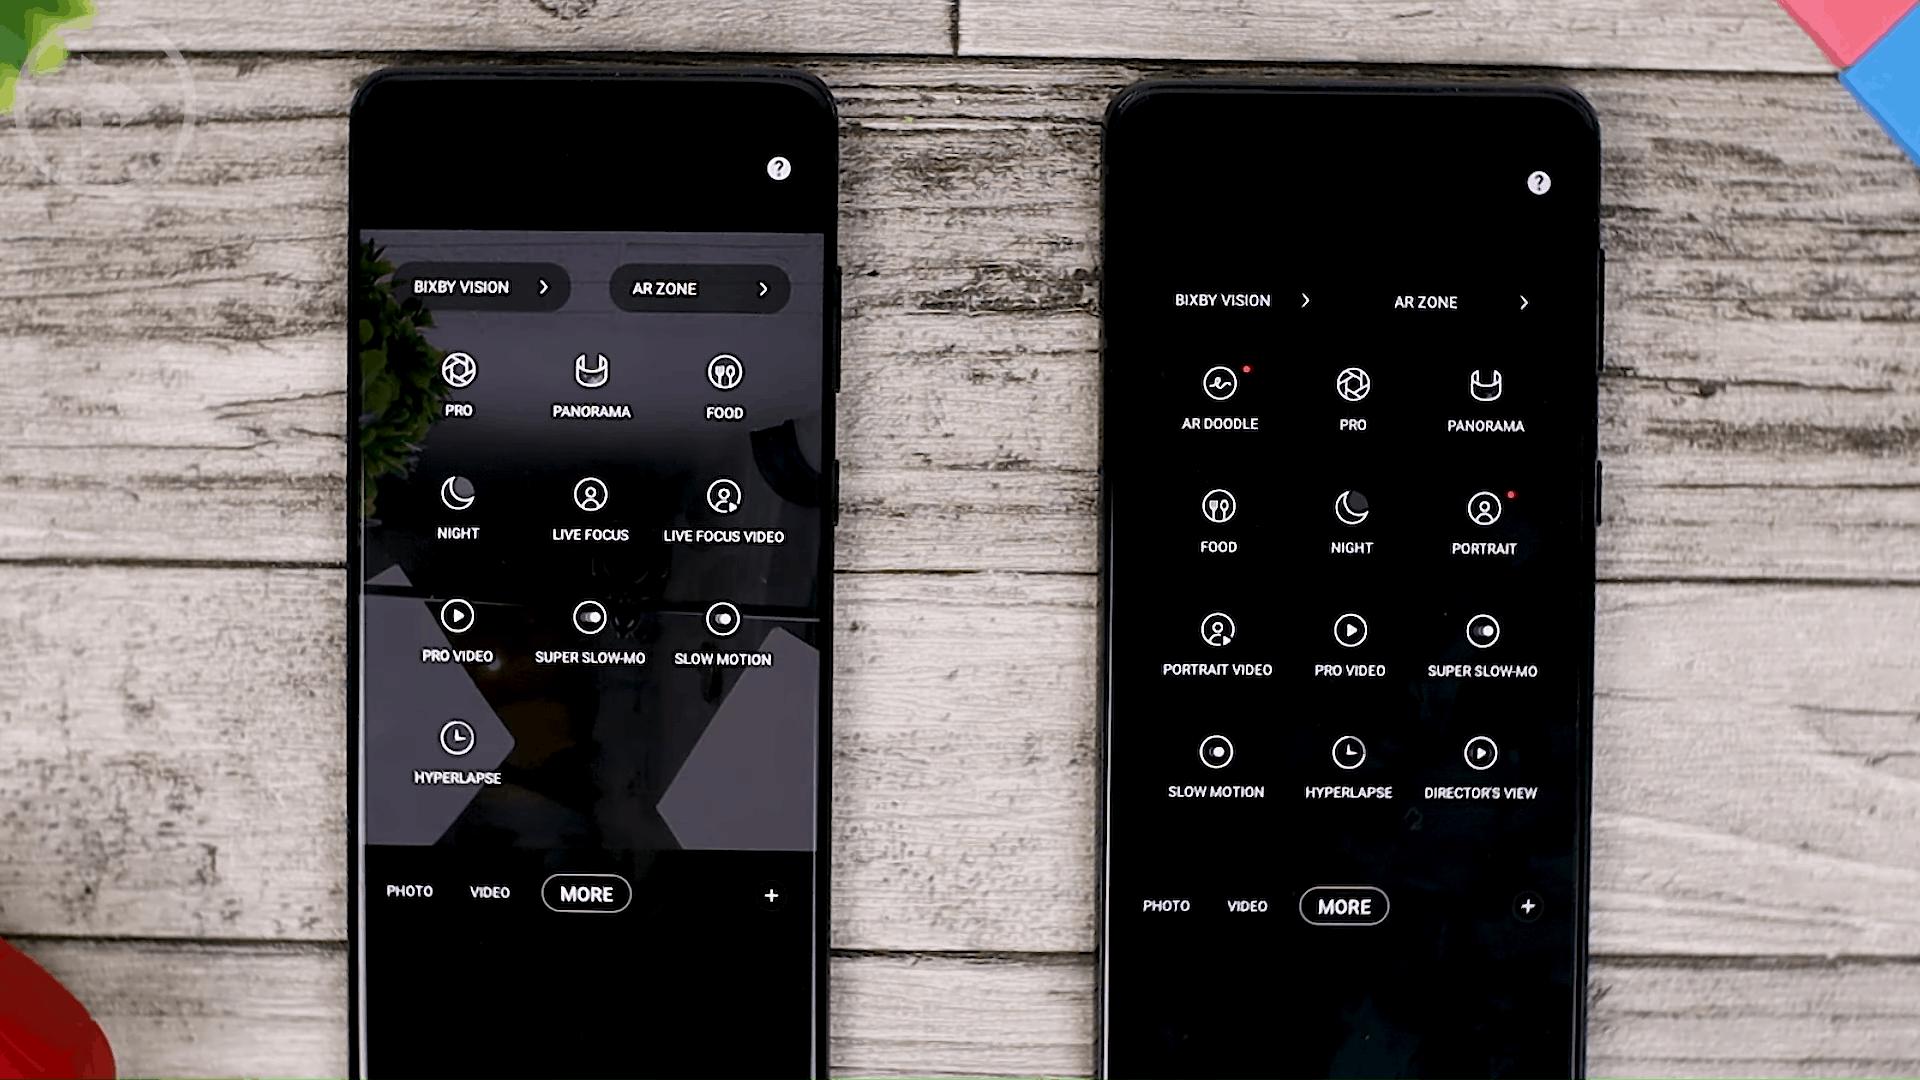 Live Focus - Cek Fitur Terbaru One UI 3.1 di Samsung S21+ yang Belum Tersedia di One UI 3.0 Samsung S20+ (PART 2)